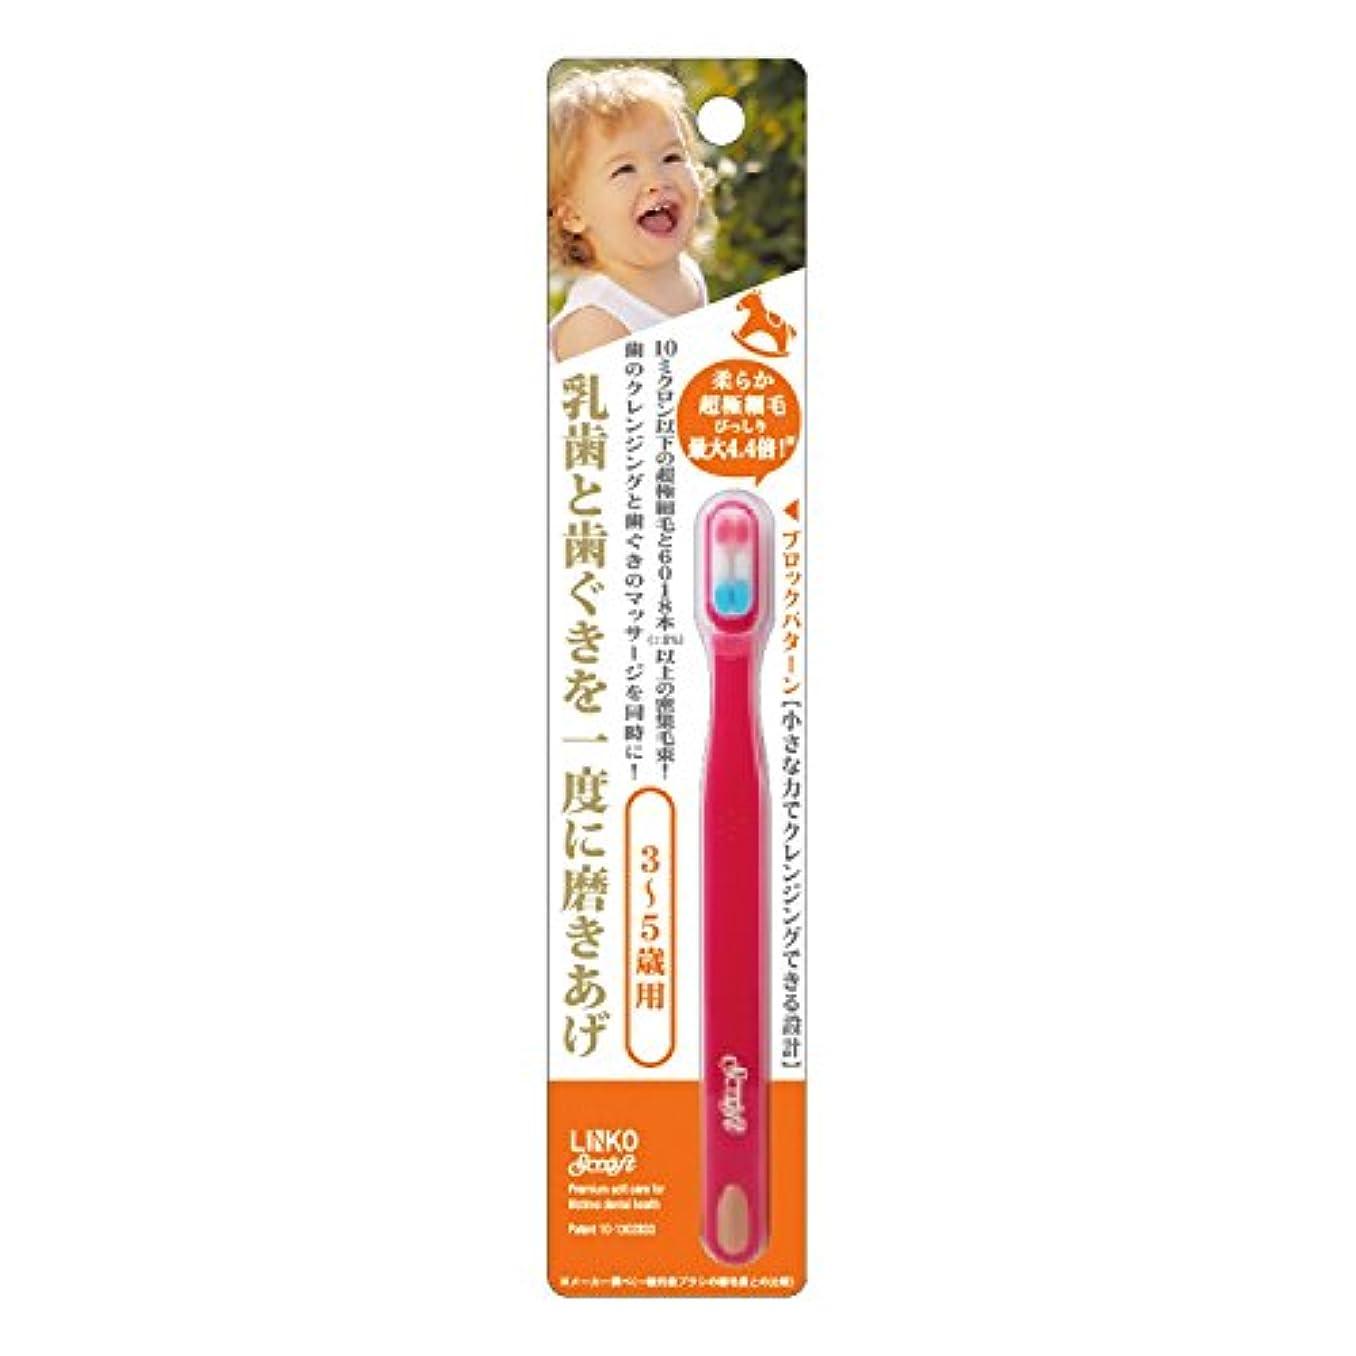 【ルクス×リエンコ】 超極細毛ソフト歯ブラシ 3~5歳用 (※色お任せ)